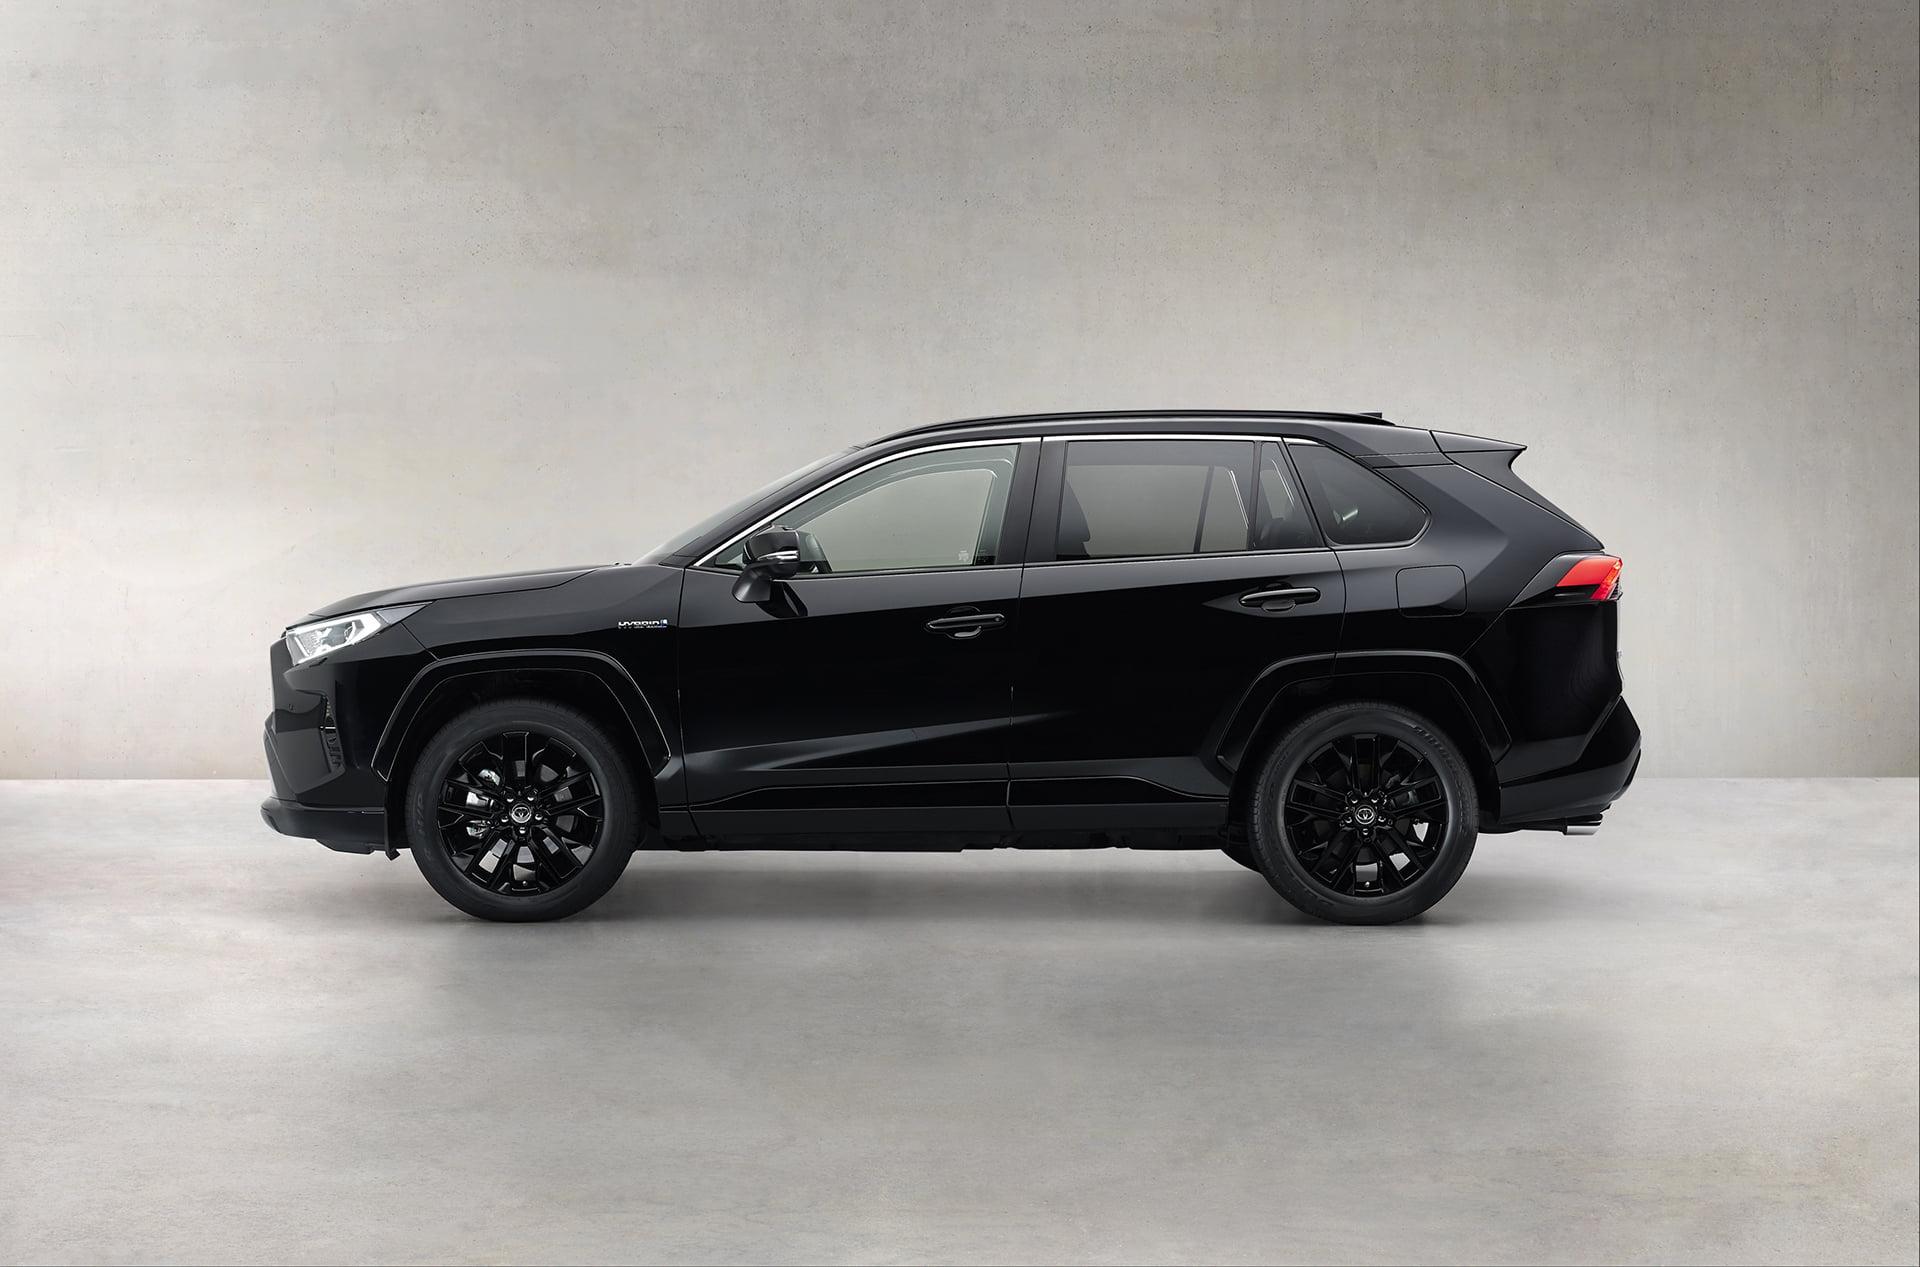 RAV4 Electric Hybrid, ahora con una nueva versión Black Edition